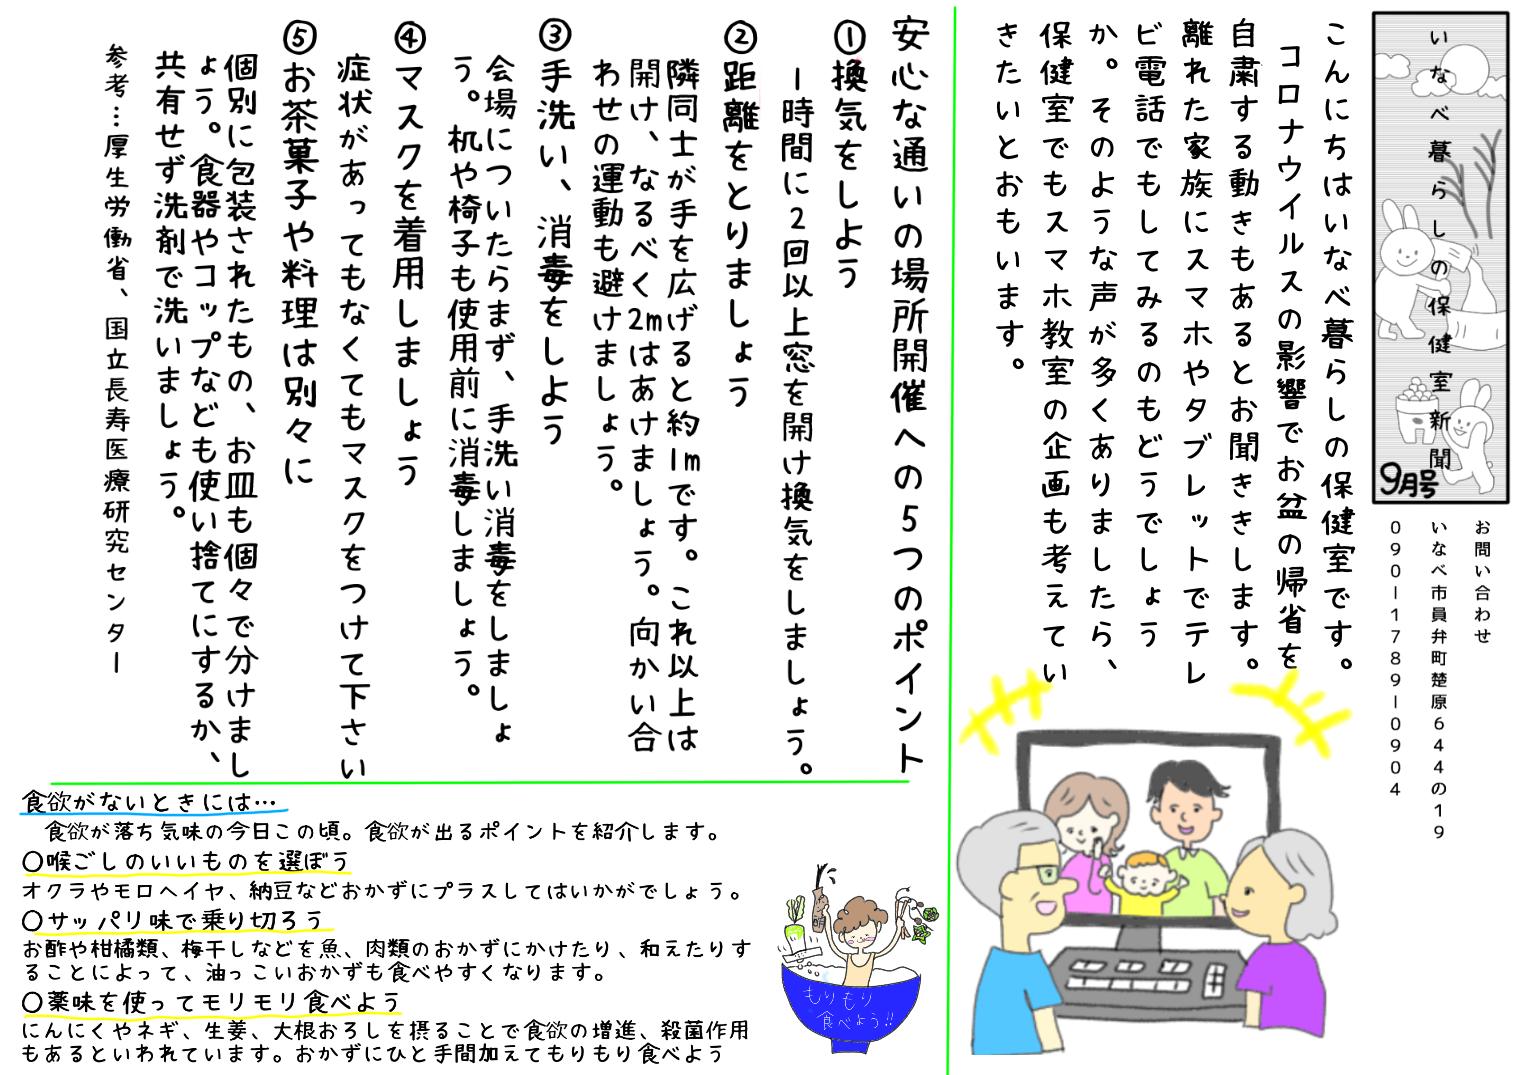 暮らしの保健室新聞9月号